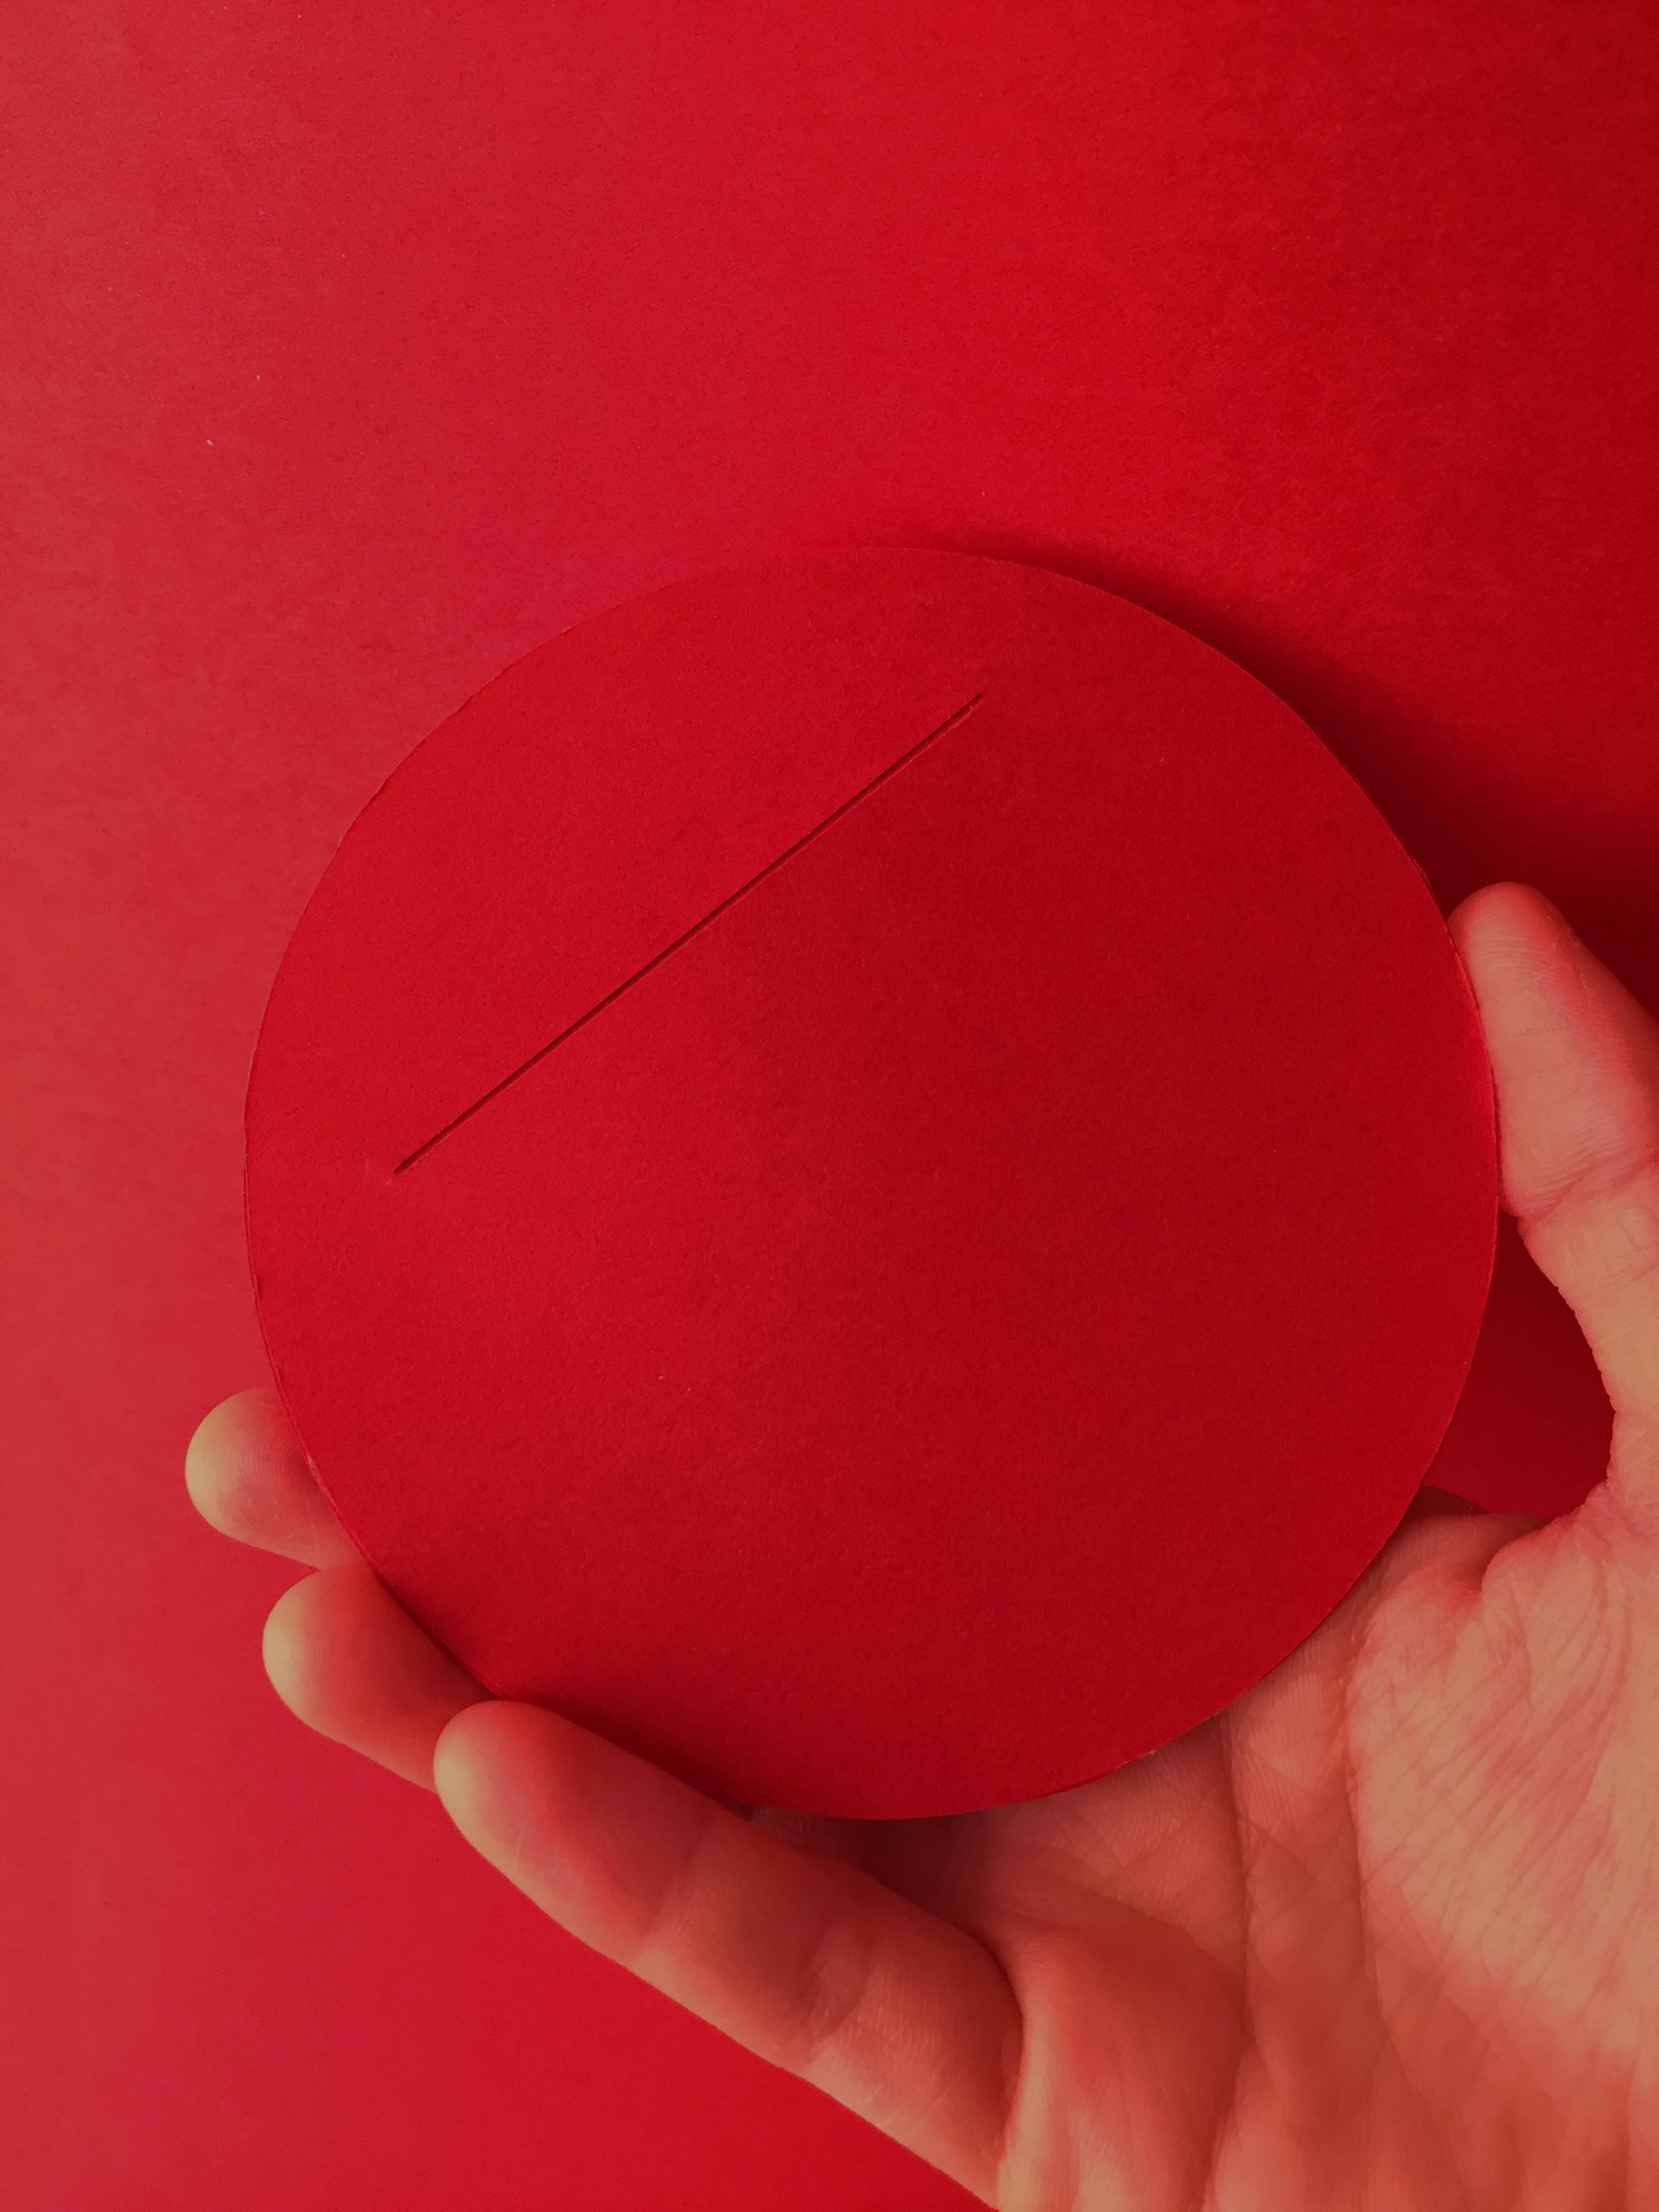 Red Pocket_Shel Han_3.jpg